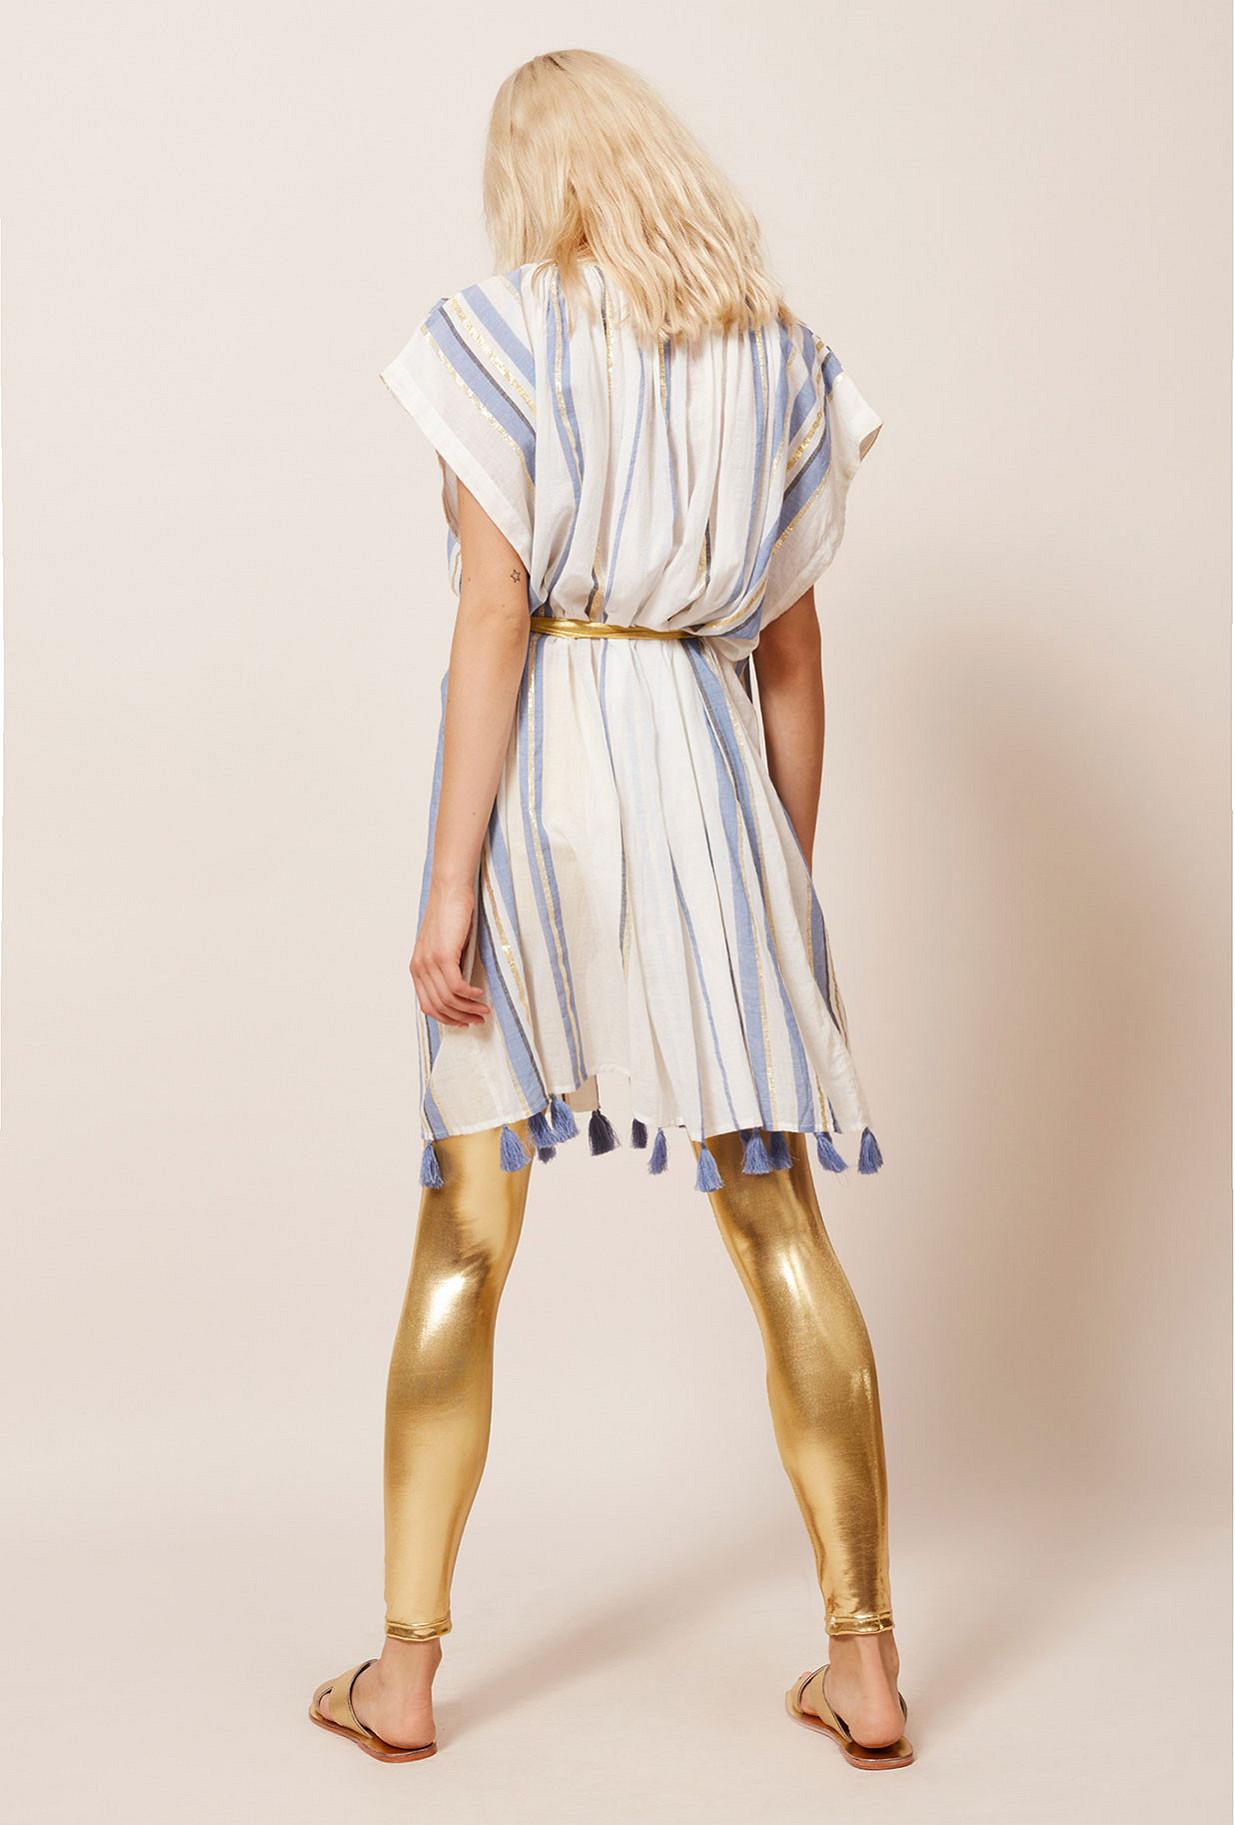 Azur  Kimono  Azimut Mes demoiselles fashion clothes designer Paris